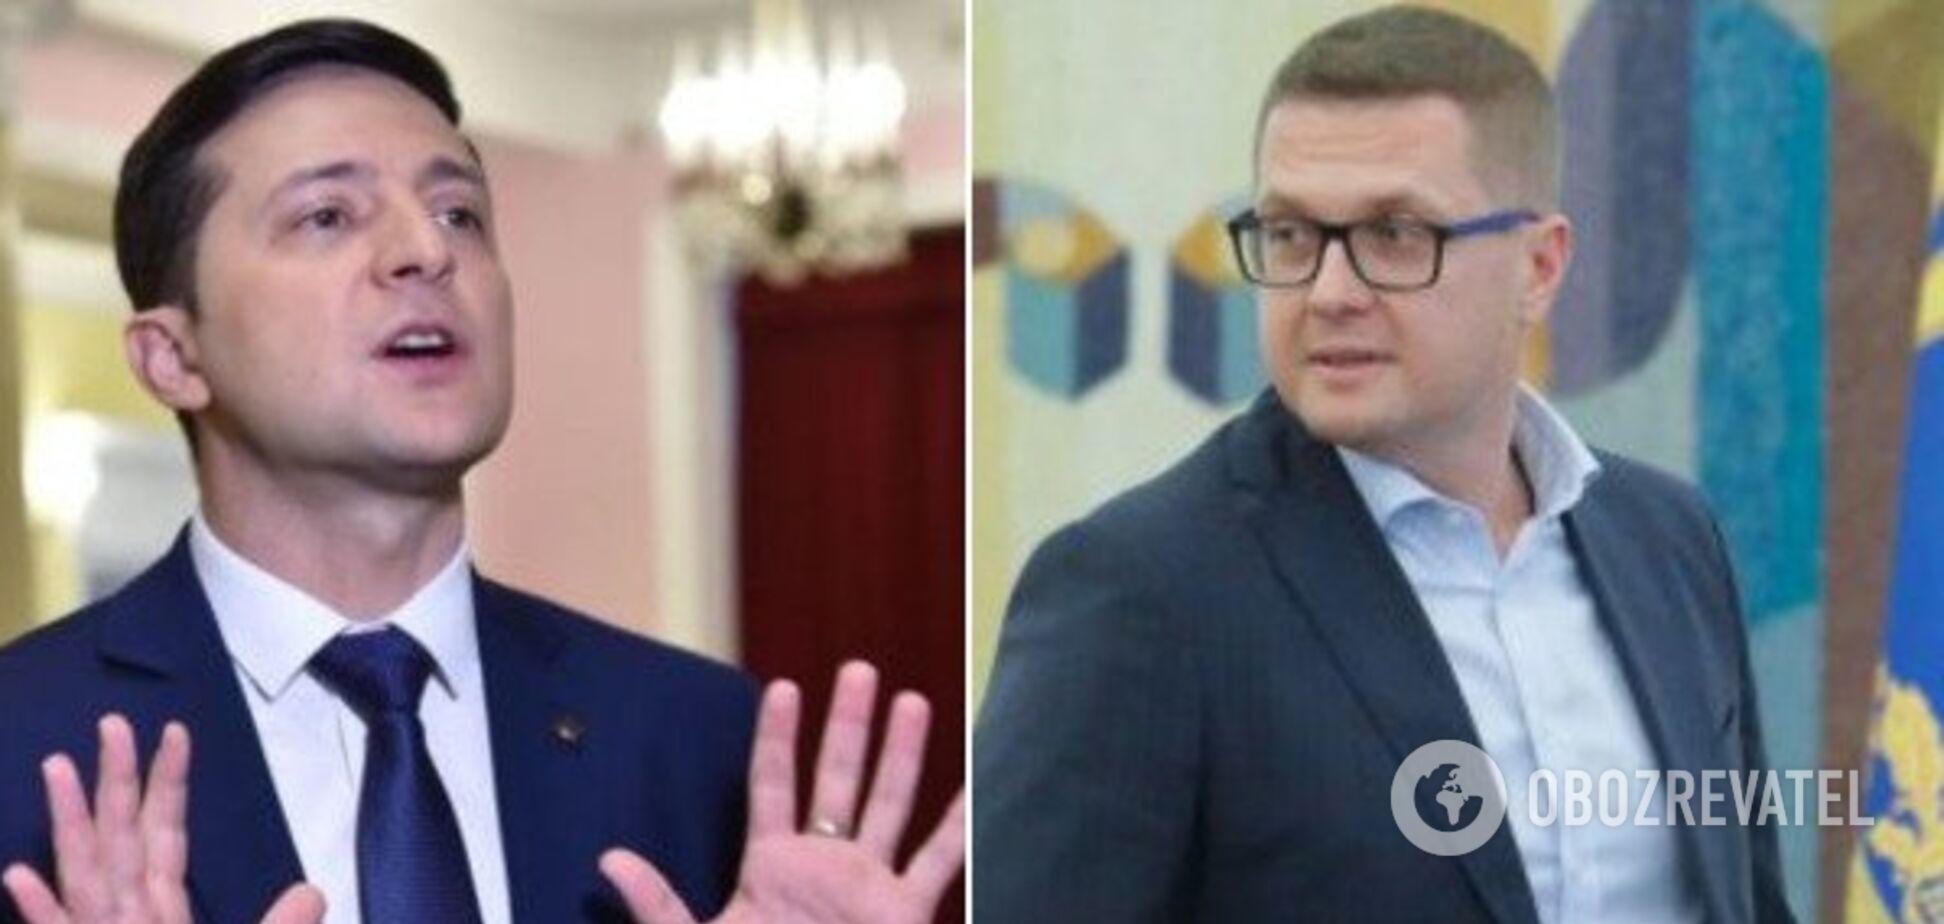 Зеленський терміново закликав Раду змінити закон про СБУ: що відомо